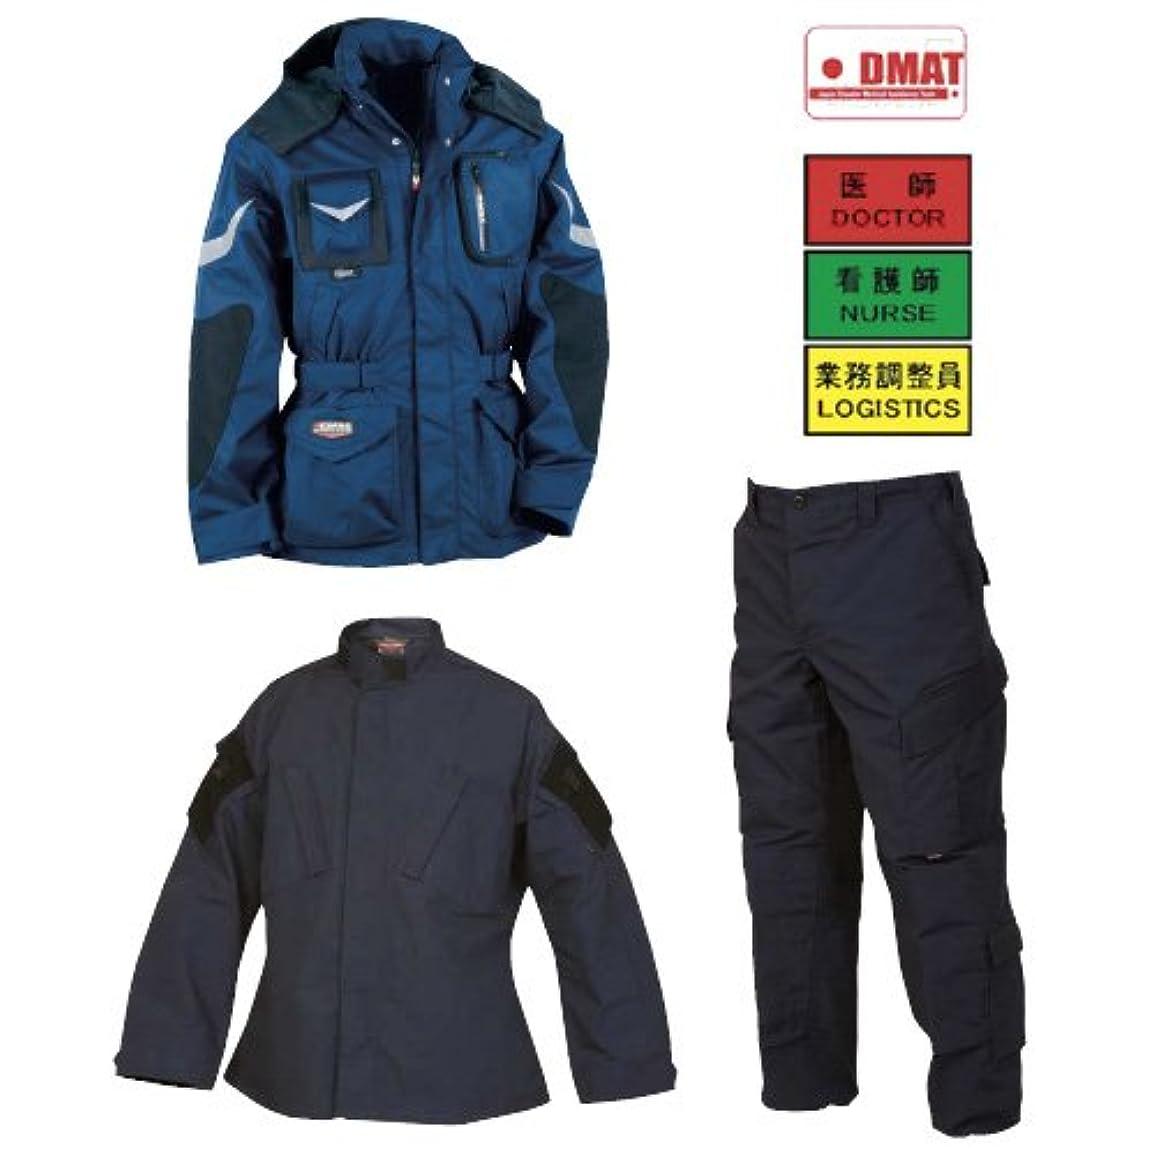 ピボット氏失速EMSユーティリティシャツ GLS-247S(L) EMS?????????? ブラック(23-7533-02-02)【日本特装】[1枚単位]